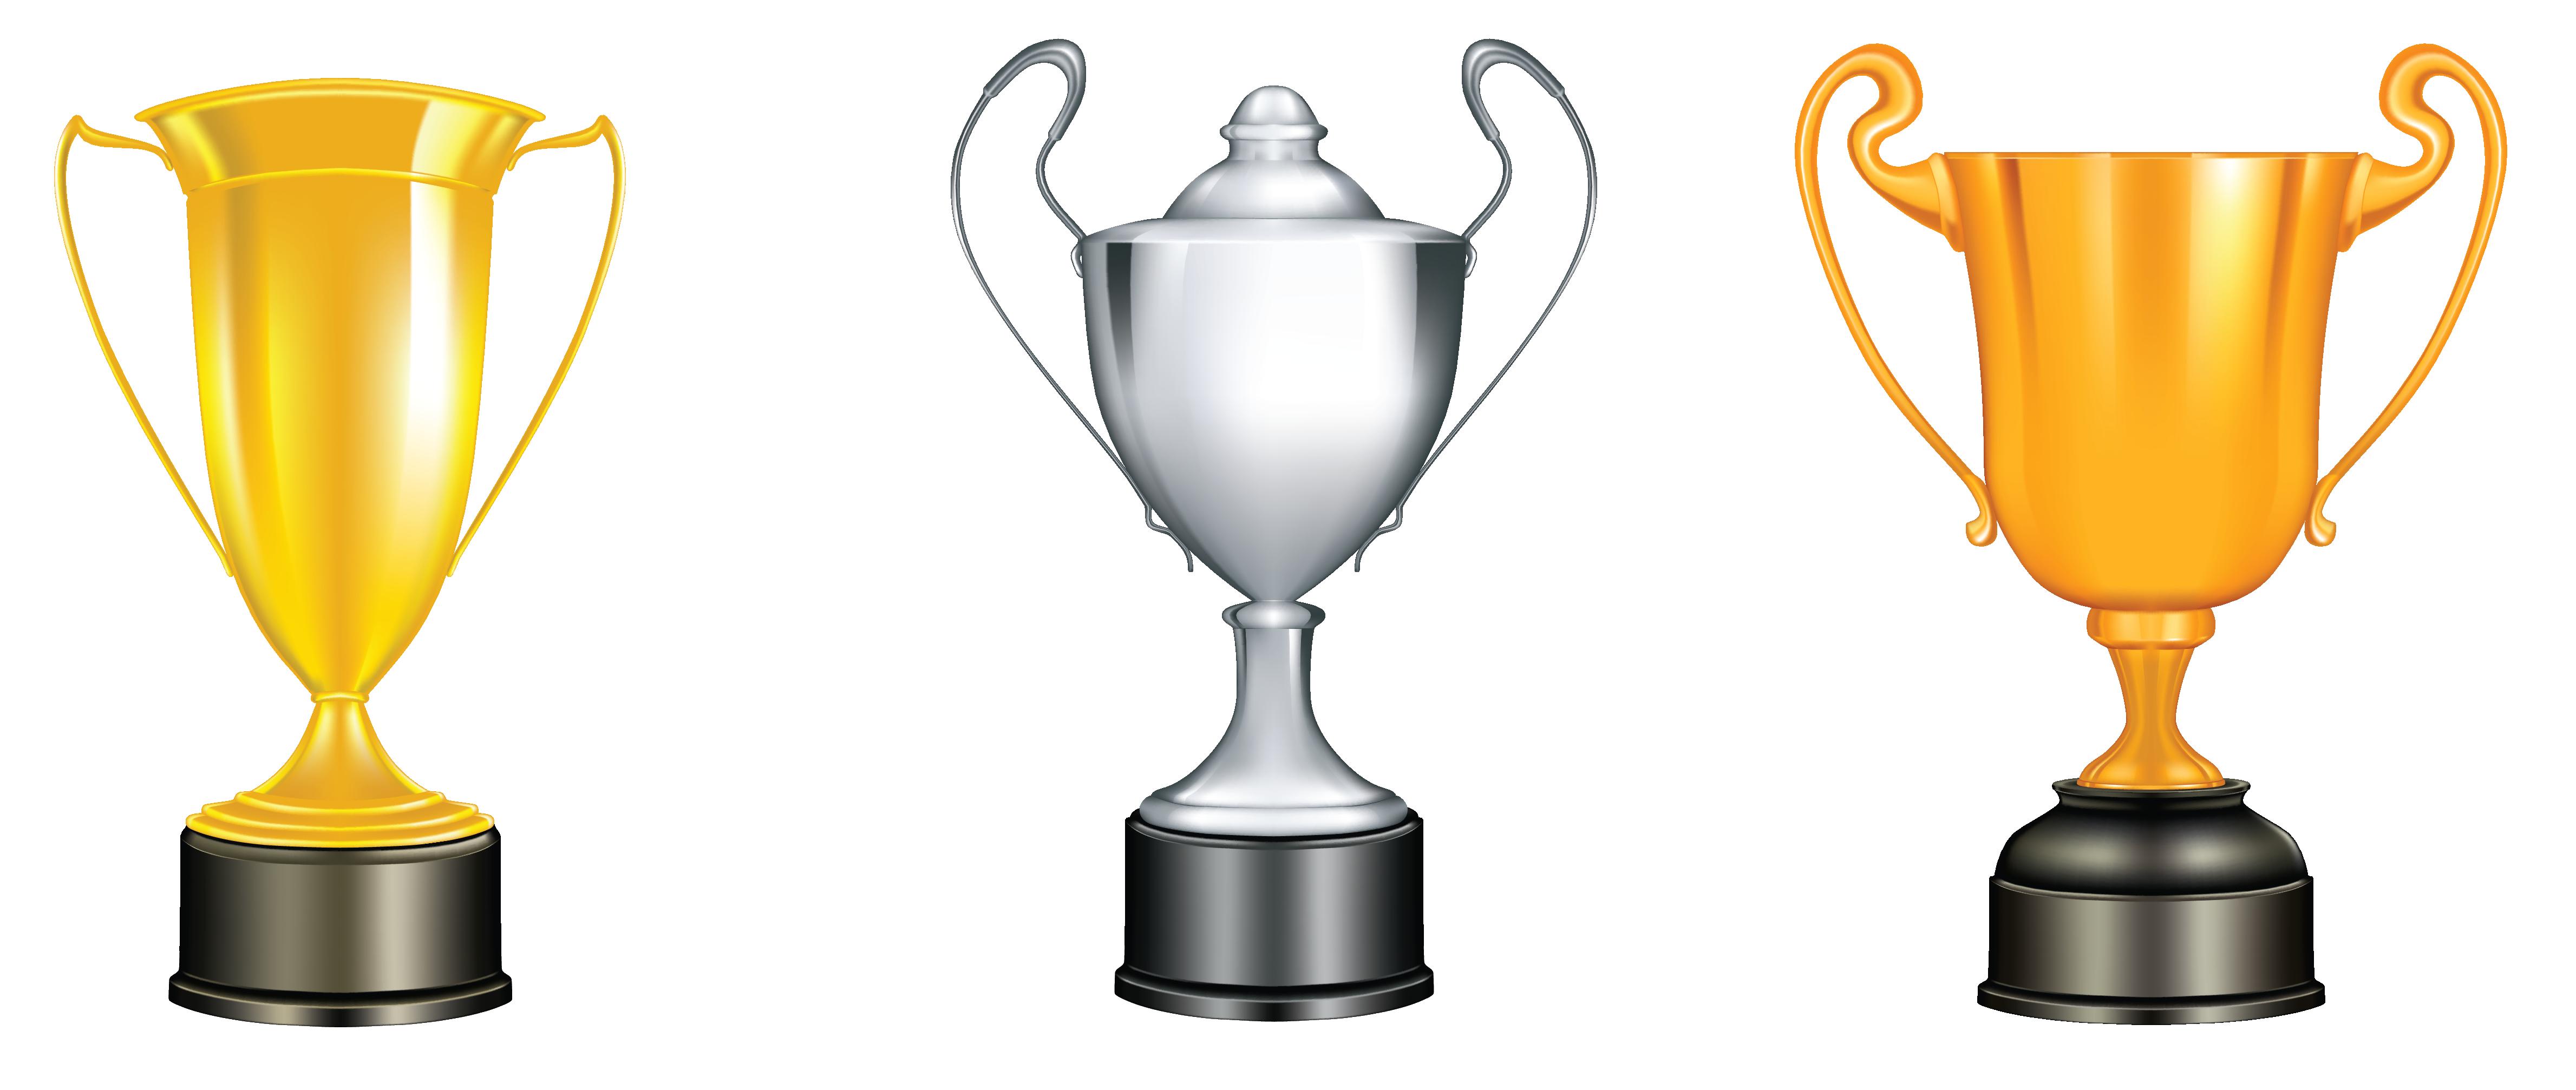 Trophy Transparent PNG Image